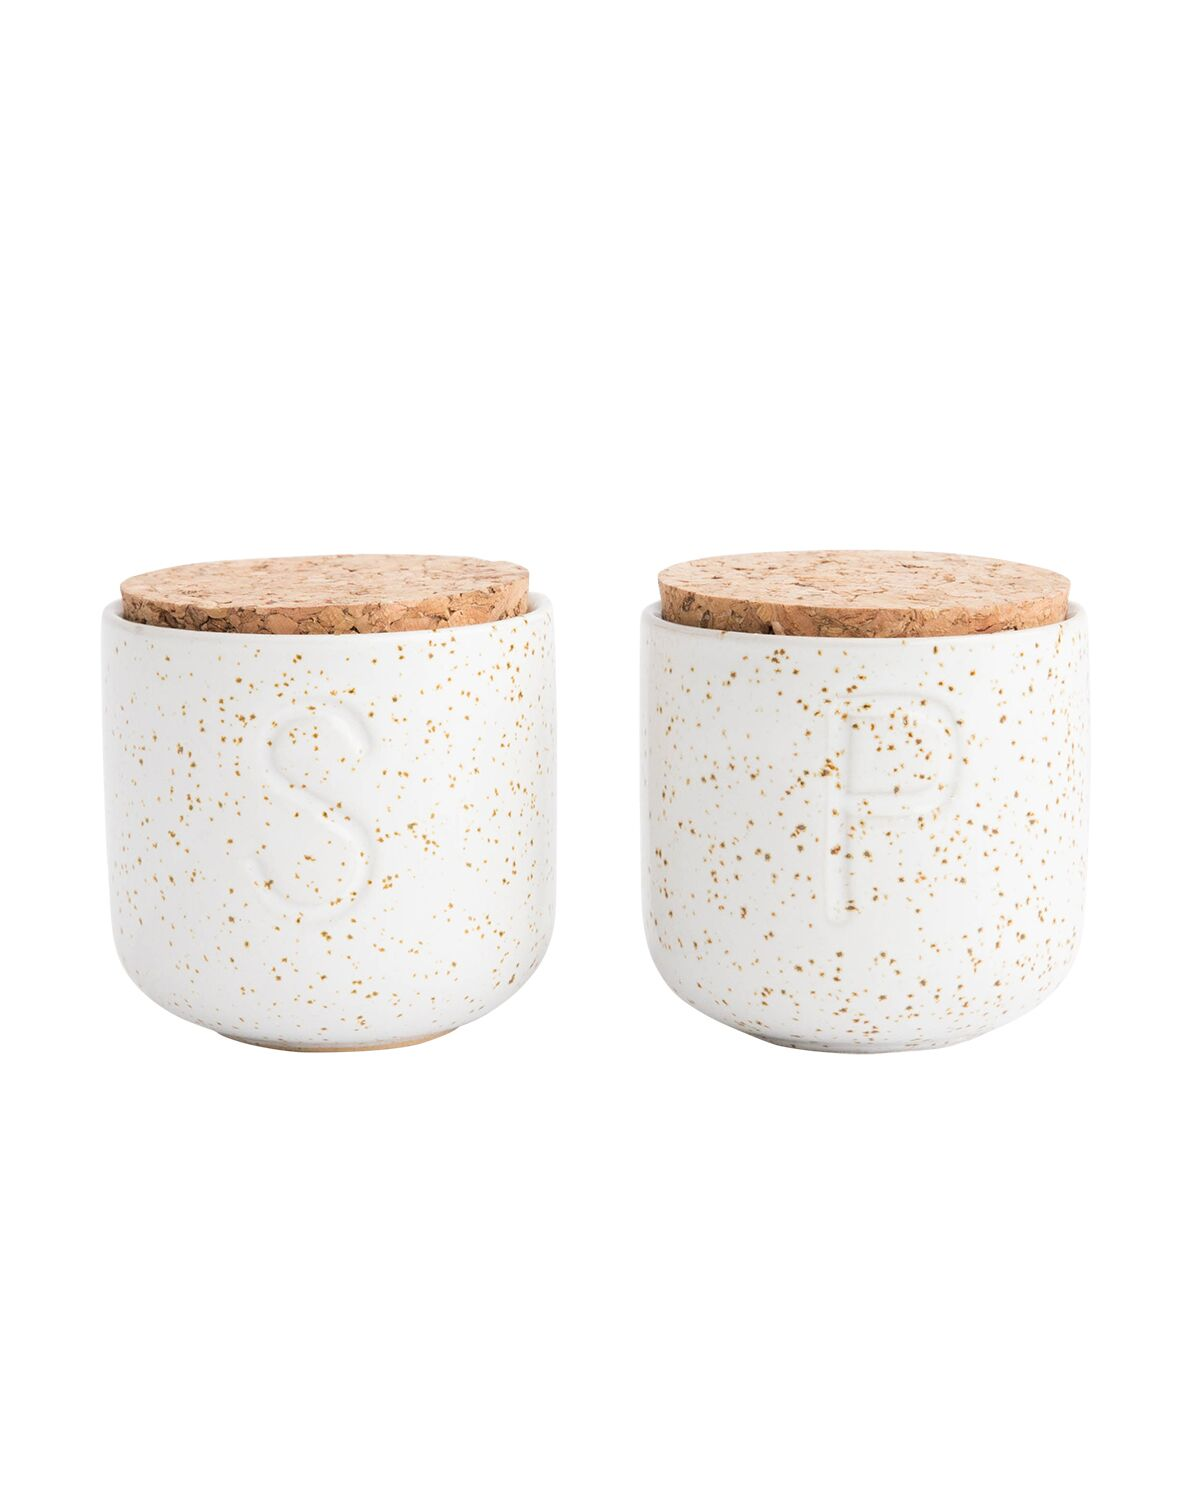 Speckled Salt & Pepper Cellar Set 1_preview.jpg